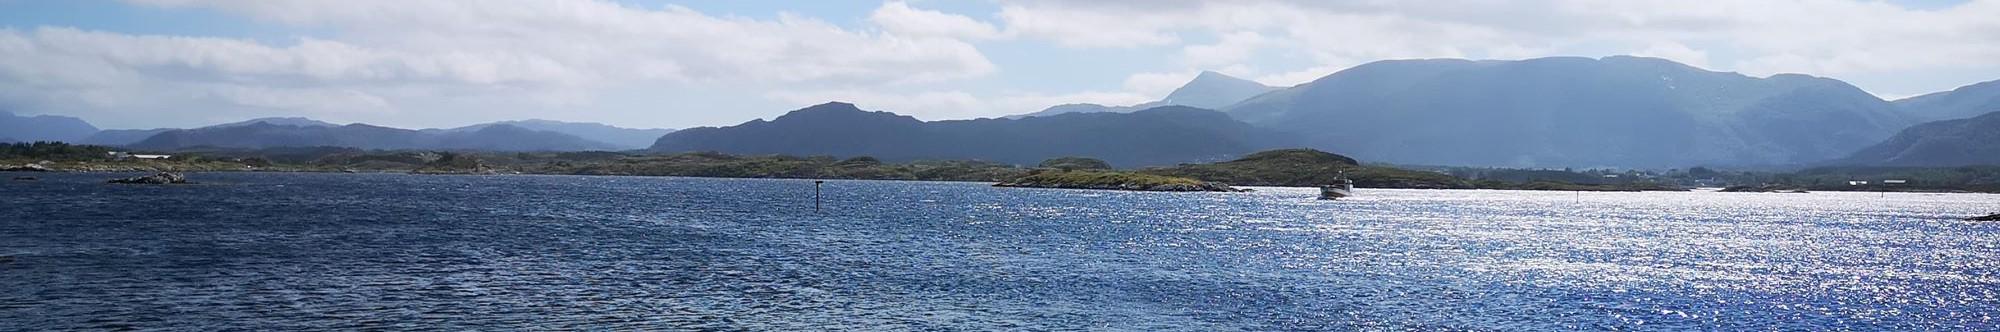 Møre og Romsdal – Informasjonsmøte for nye faste verjer 16. og 17. oktober 2018